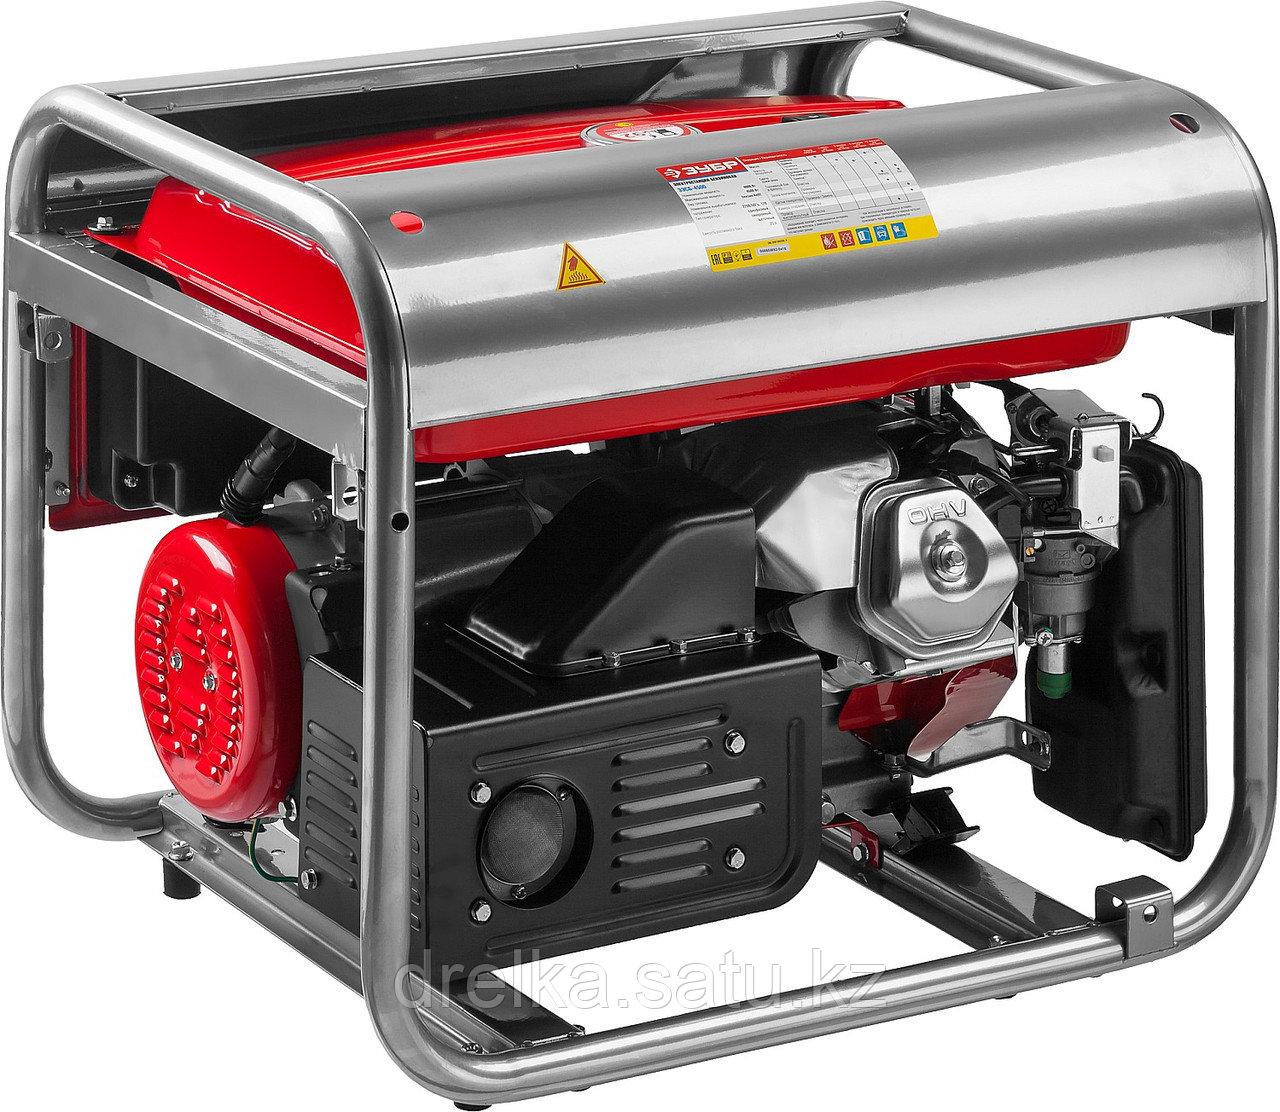 Бензиновый электрогенератор ЗУБР ЗЭСБ-4500, двигатель 4-х тактный, ручной пуск, 4500/4000Вт, 220/12В - фото 3